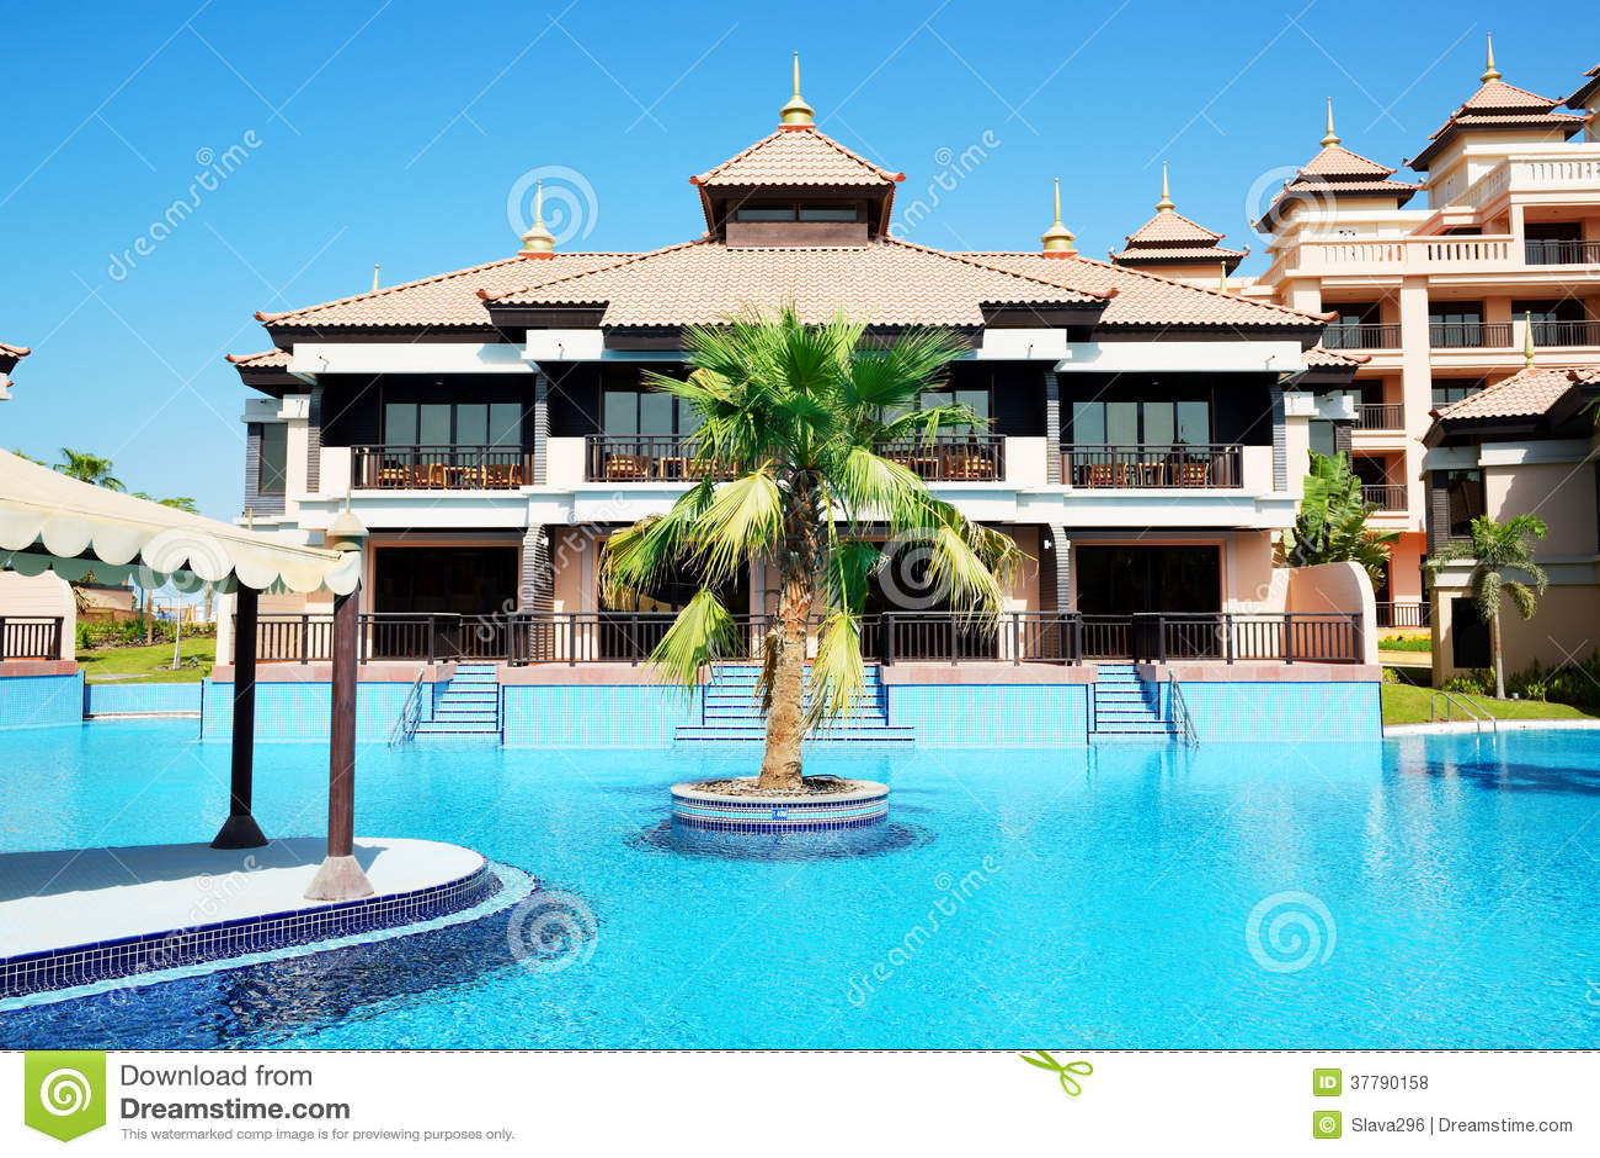 Los chalets de lujo en hotel tailand s del estilo en la for No 1 hotel in dubai